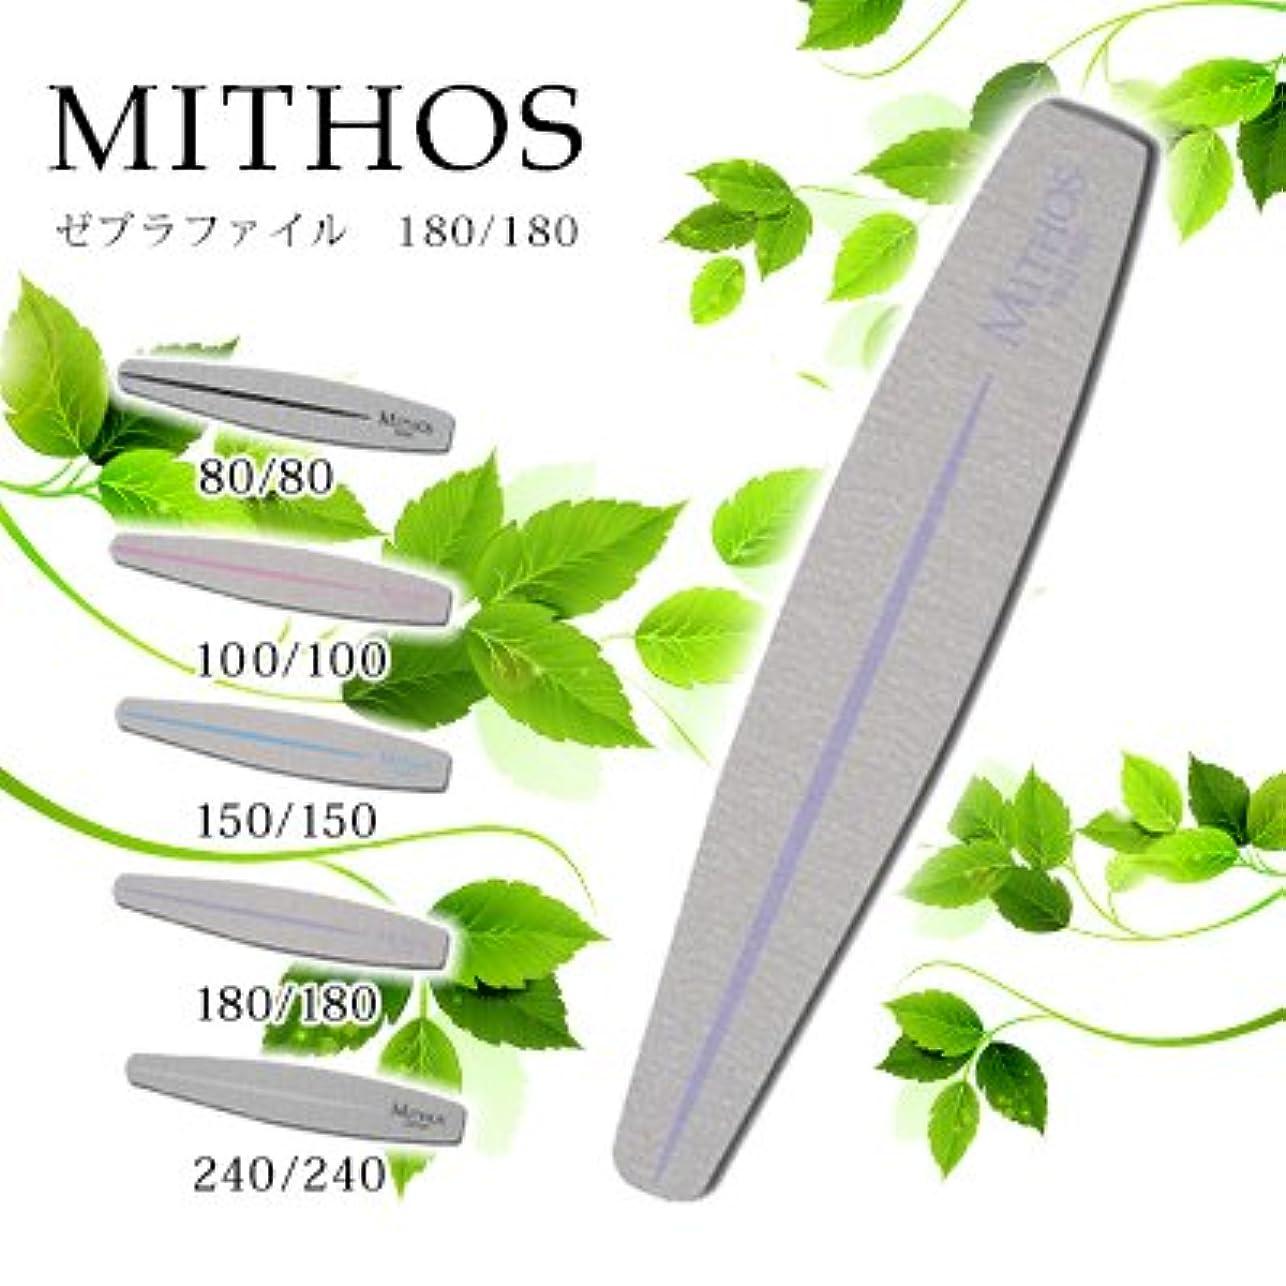 ミトス MITHOS セブラファイル 180/180